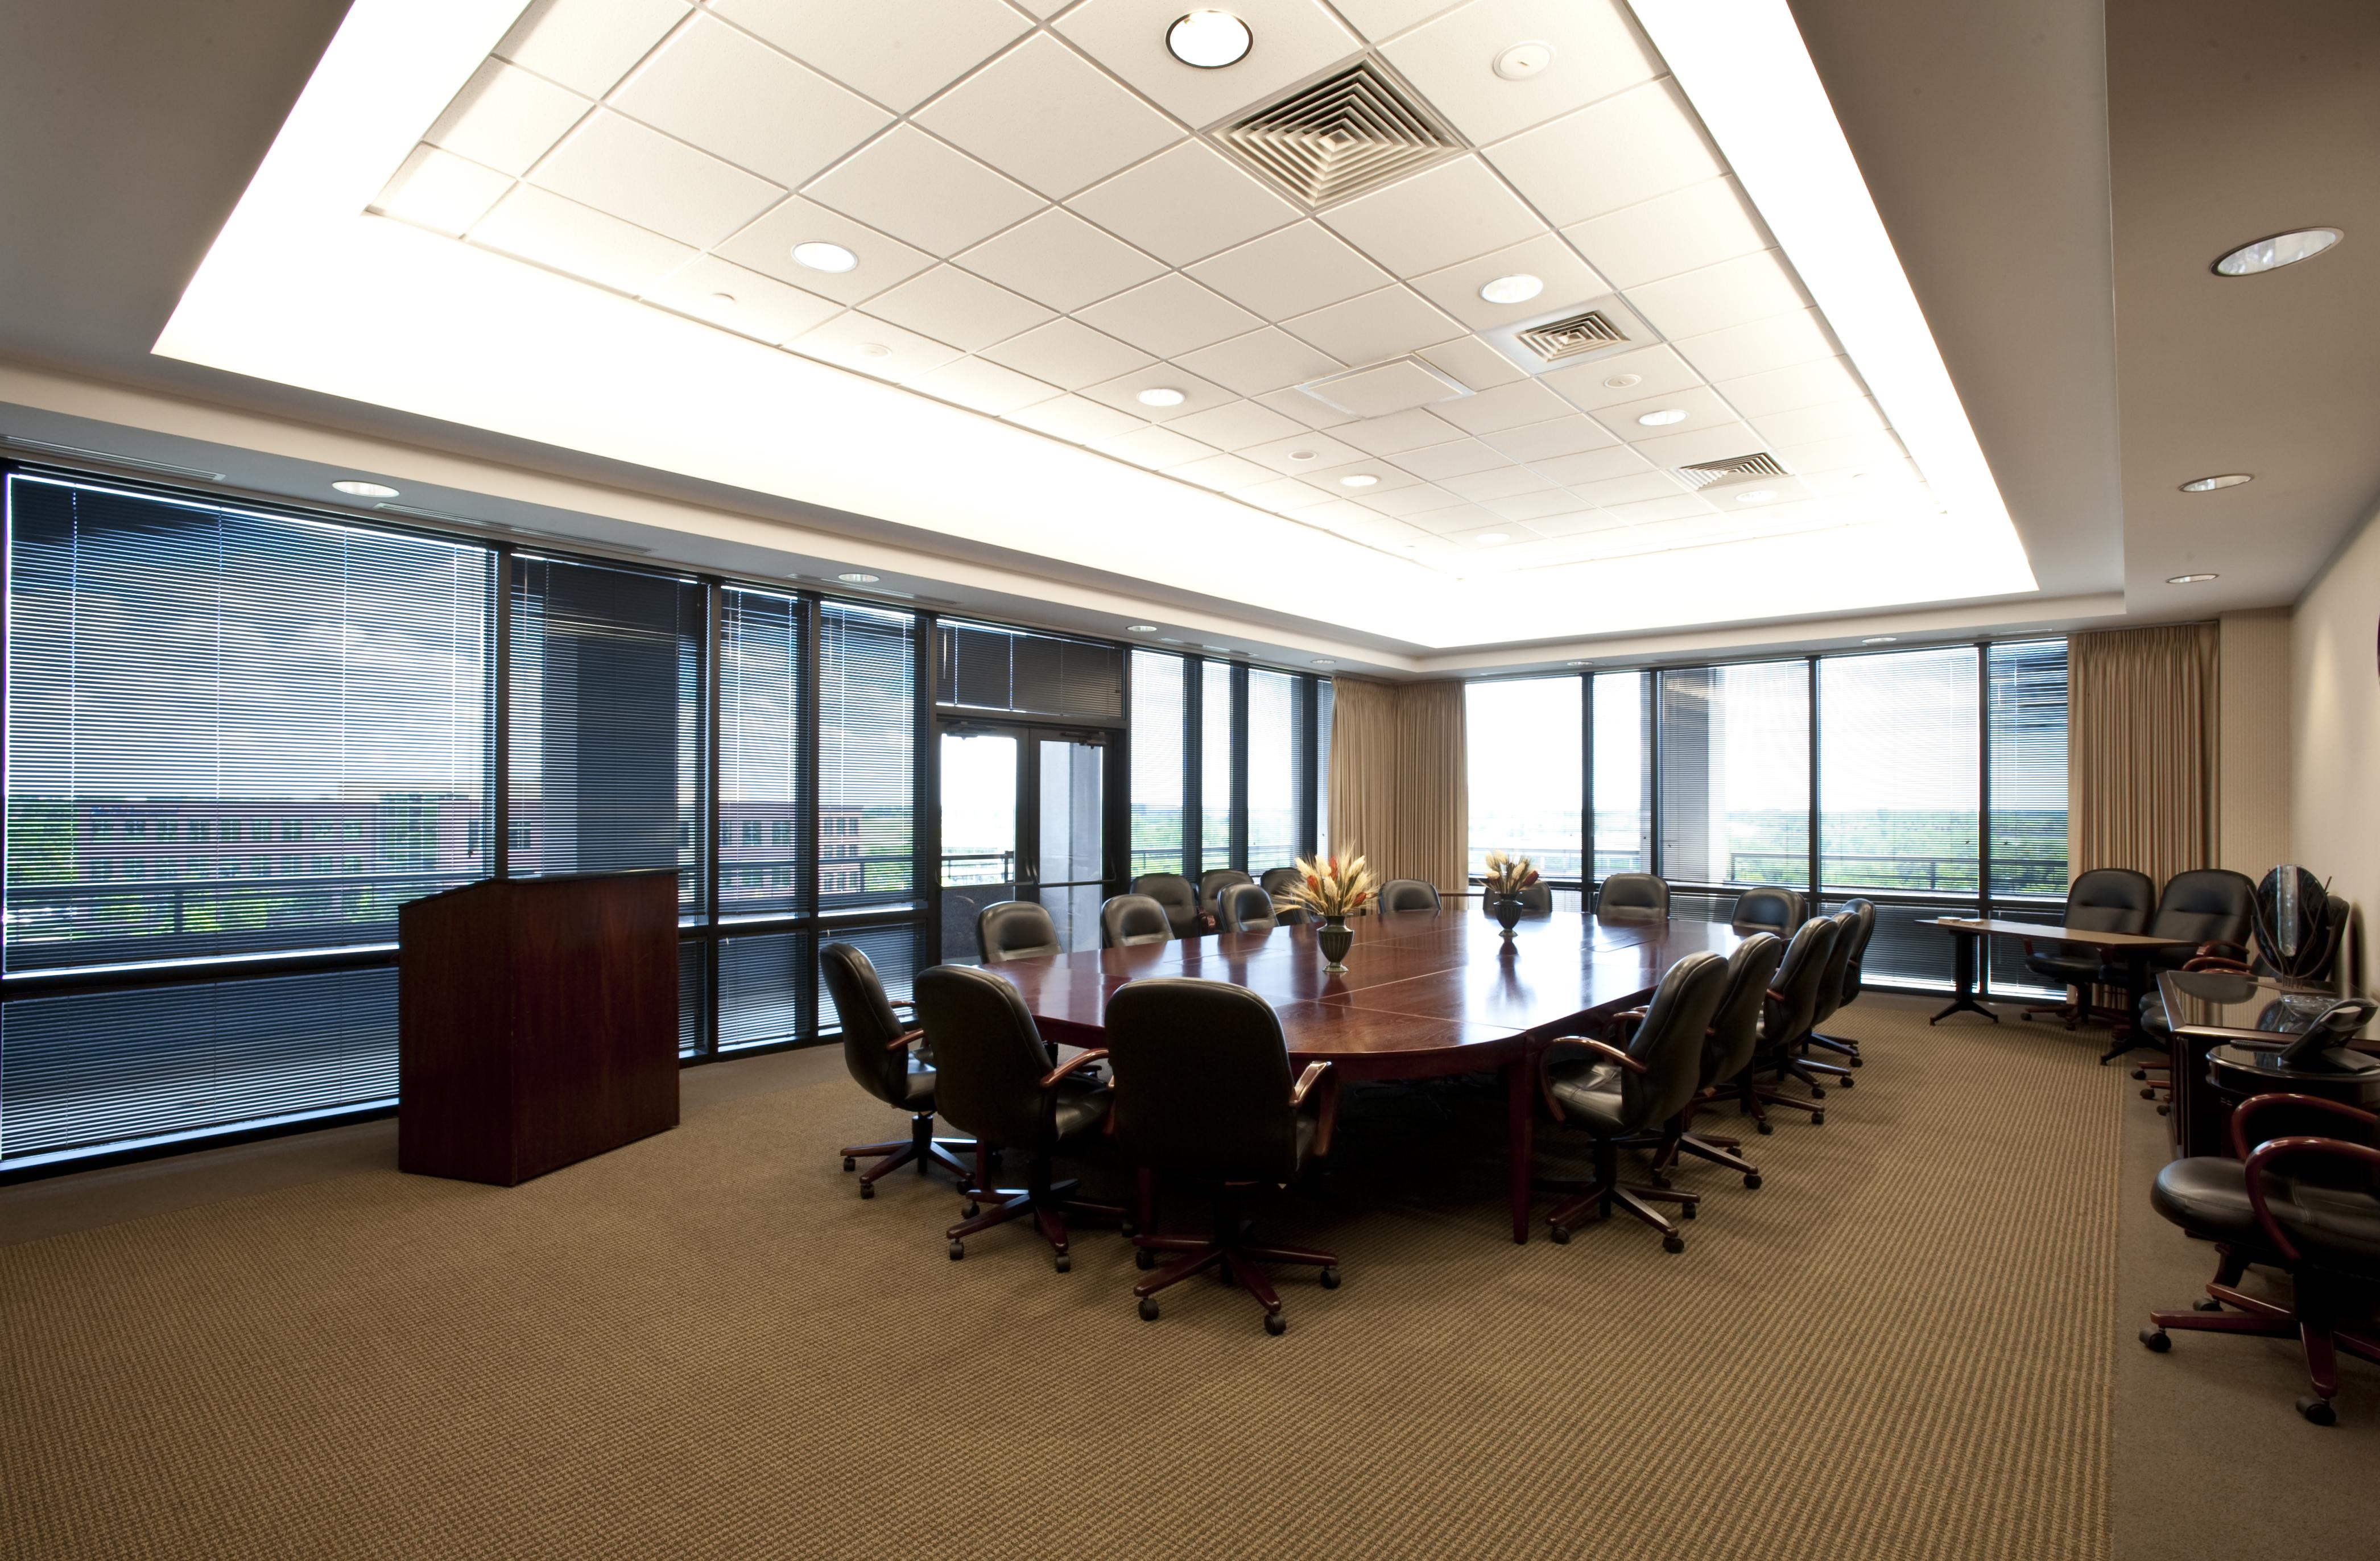 9701 Renner Boulevard conference room